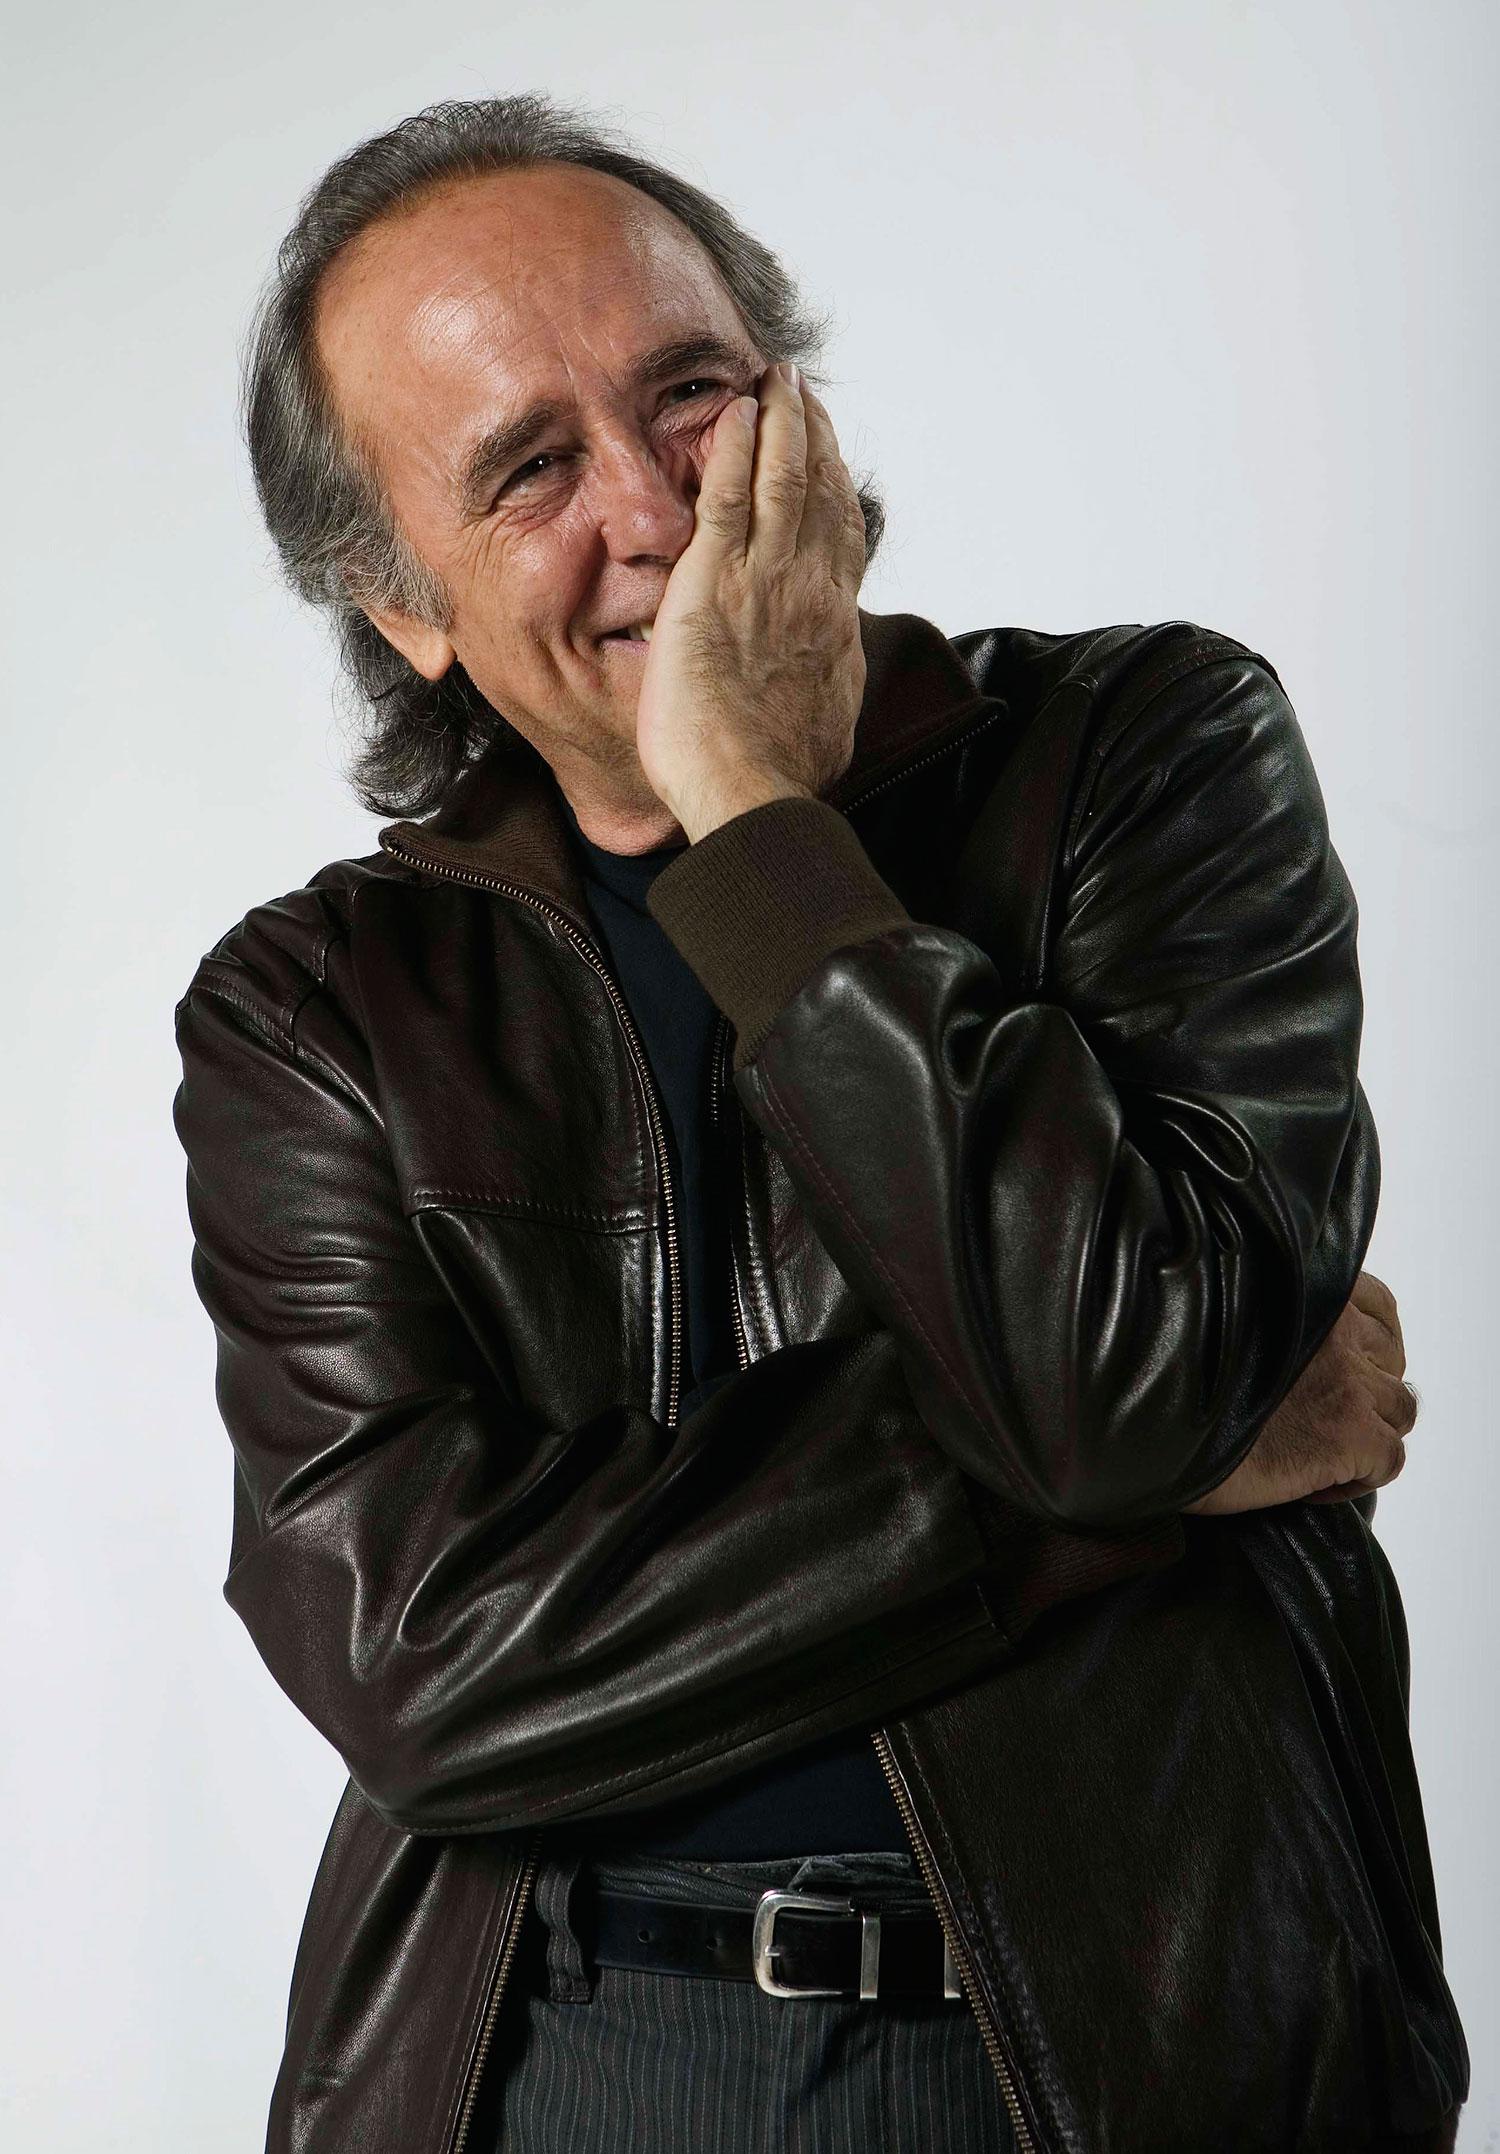 Imagen de Joan Manuel Serrat músico del género Cantautor activo en Los 60s